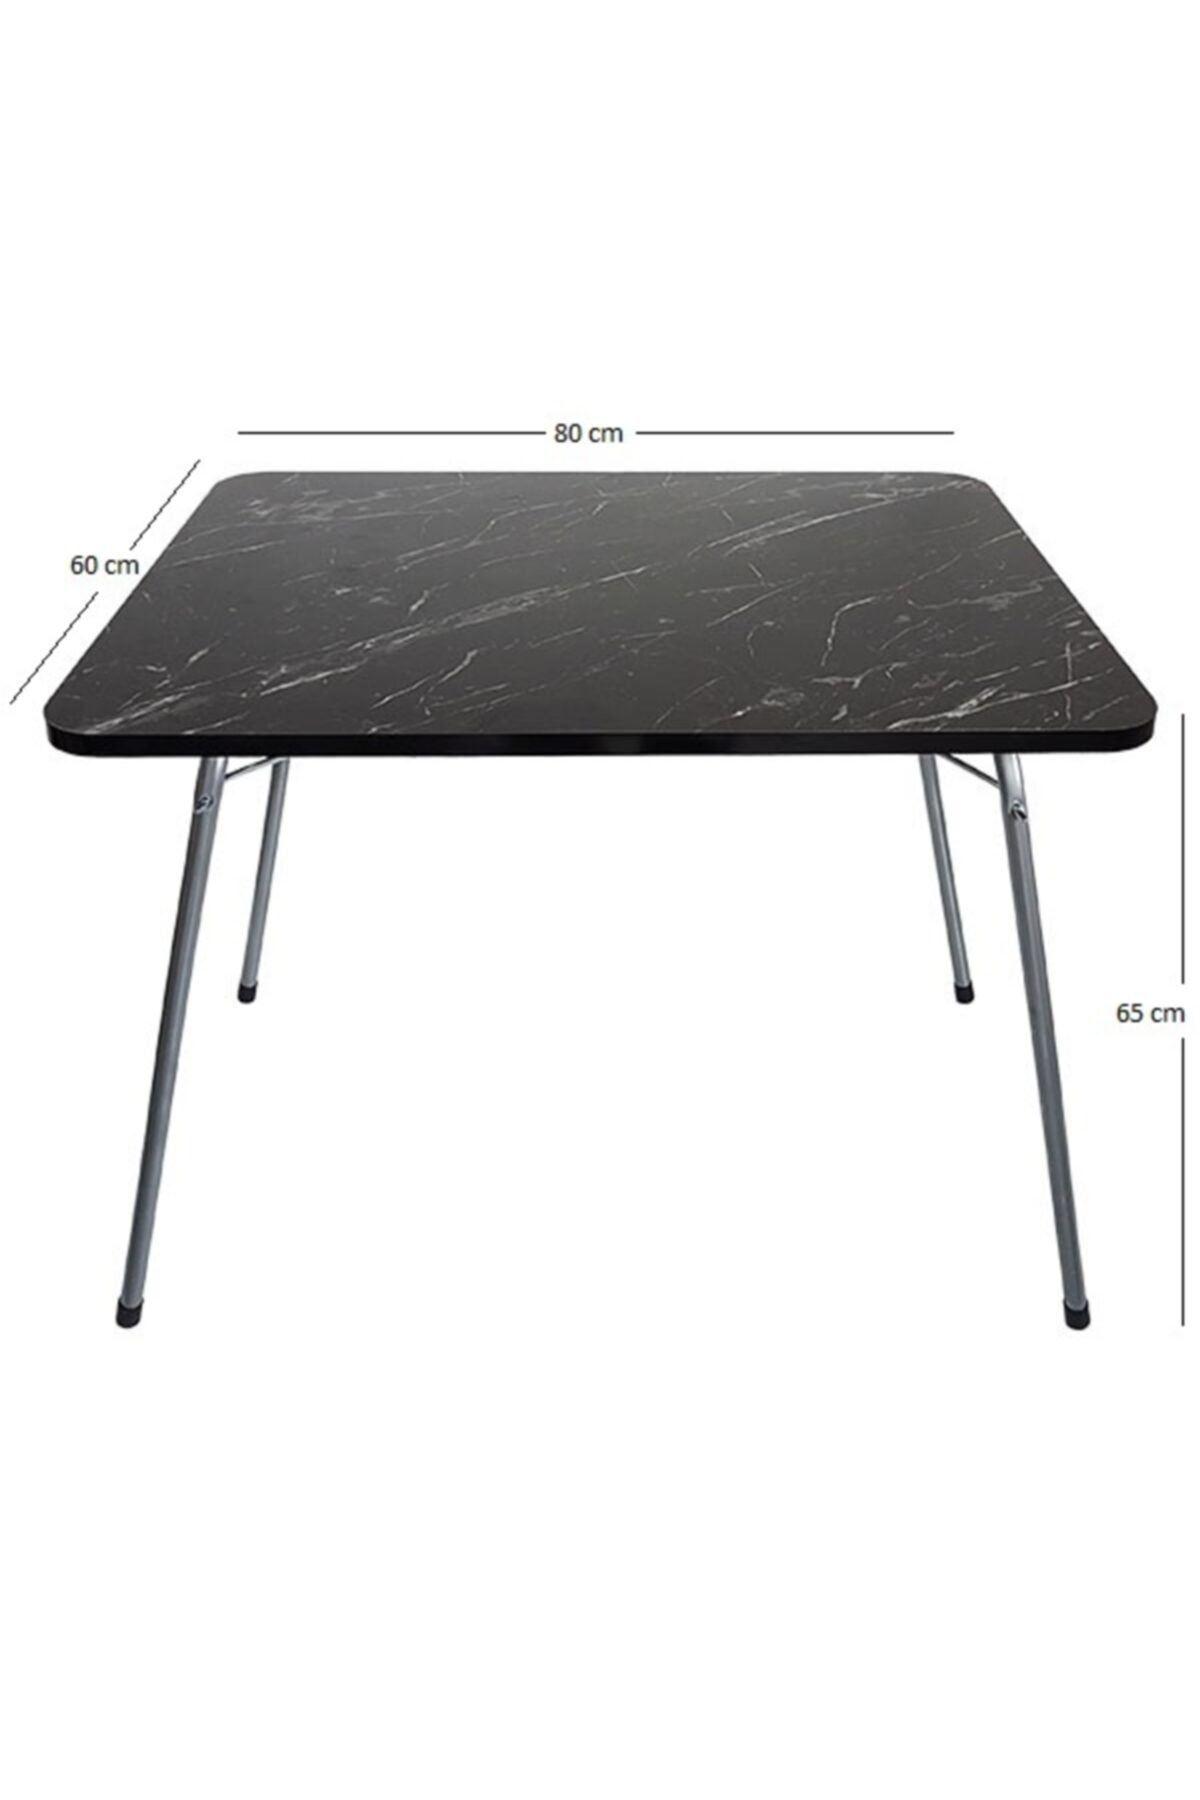 Bofigo 60X80 Granit Desenli Katlanır Masa + 4 Adet Katlanır Sandalye Kamp Seti Bahçe Takımı Yeşil